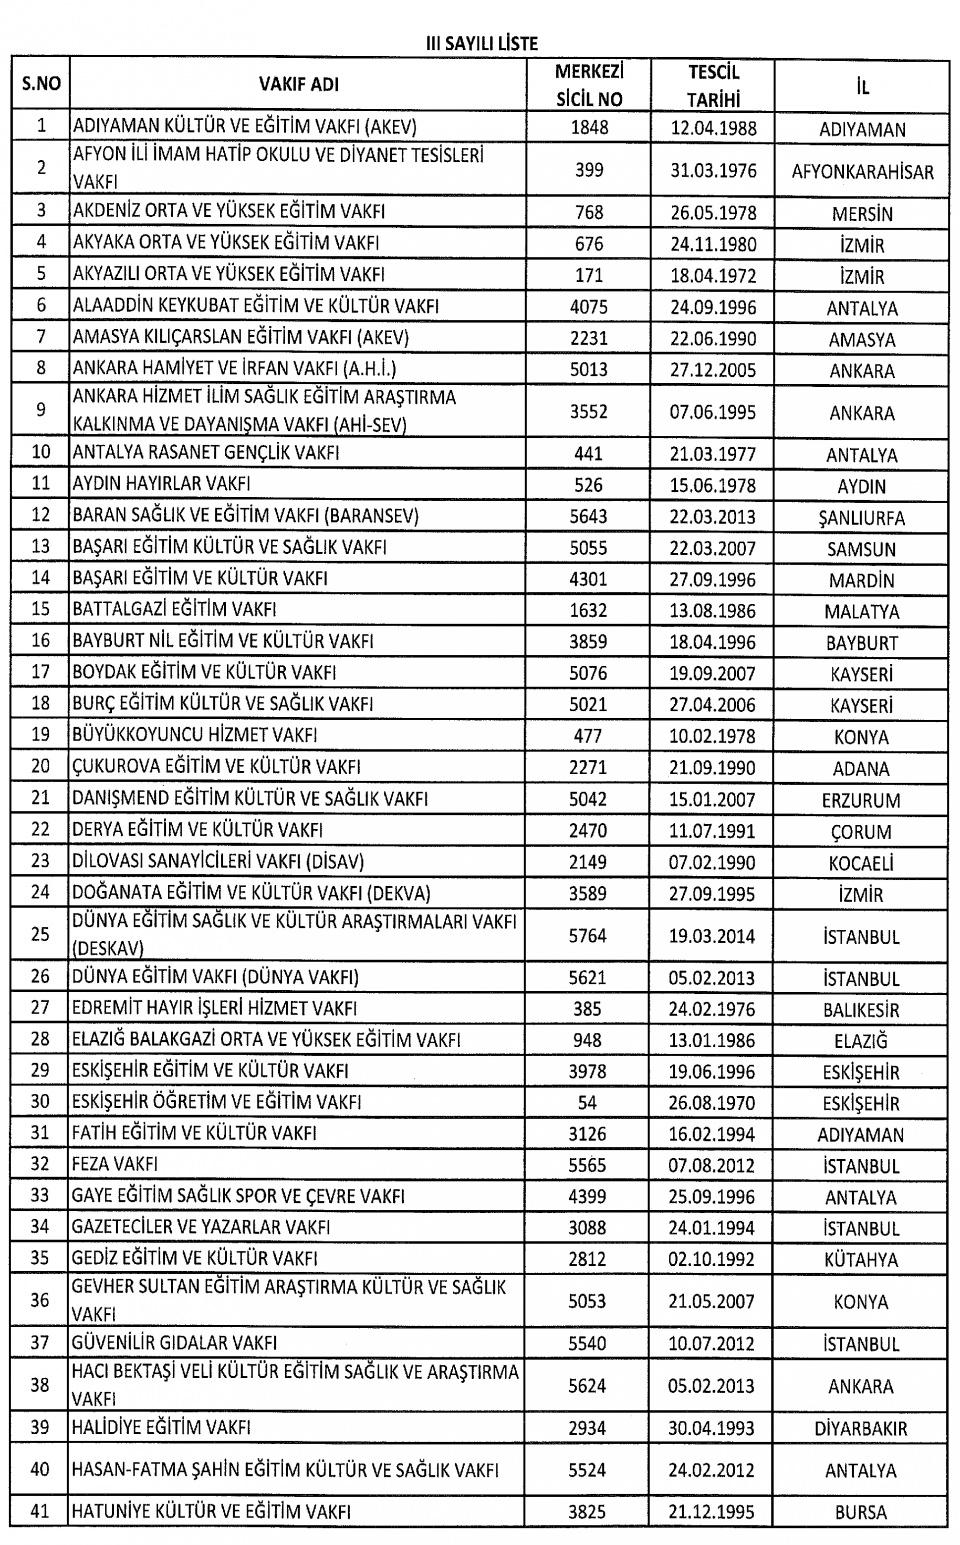 FETÖ'nün kapatılan kurumlarının tam listesi 22